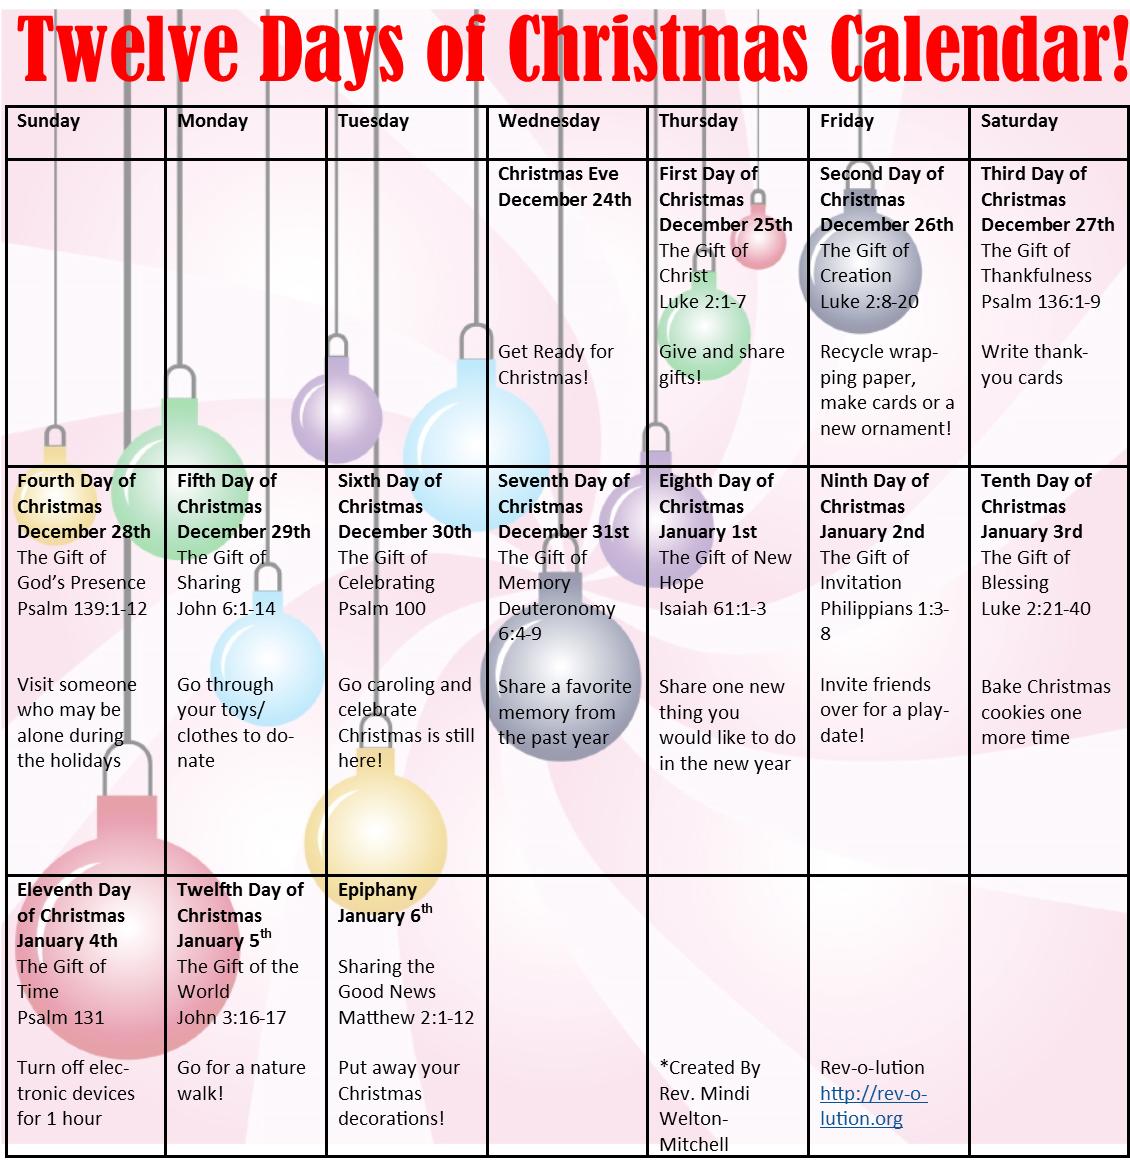 12 Days Of Christmas Calendar | Christmas Printable Intended For 12 Days Of Christmas Calendar